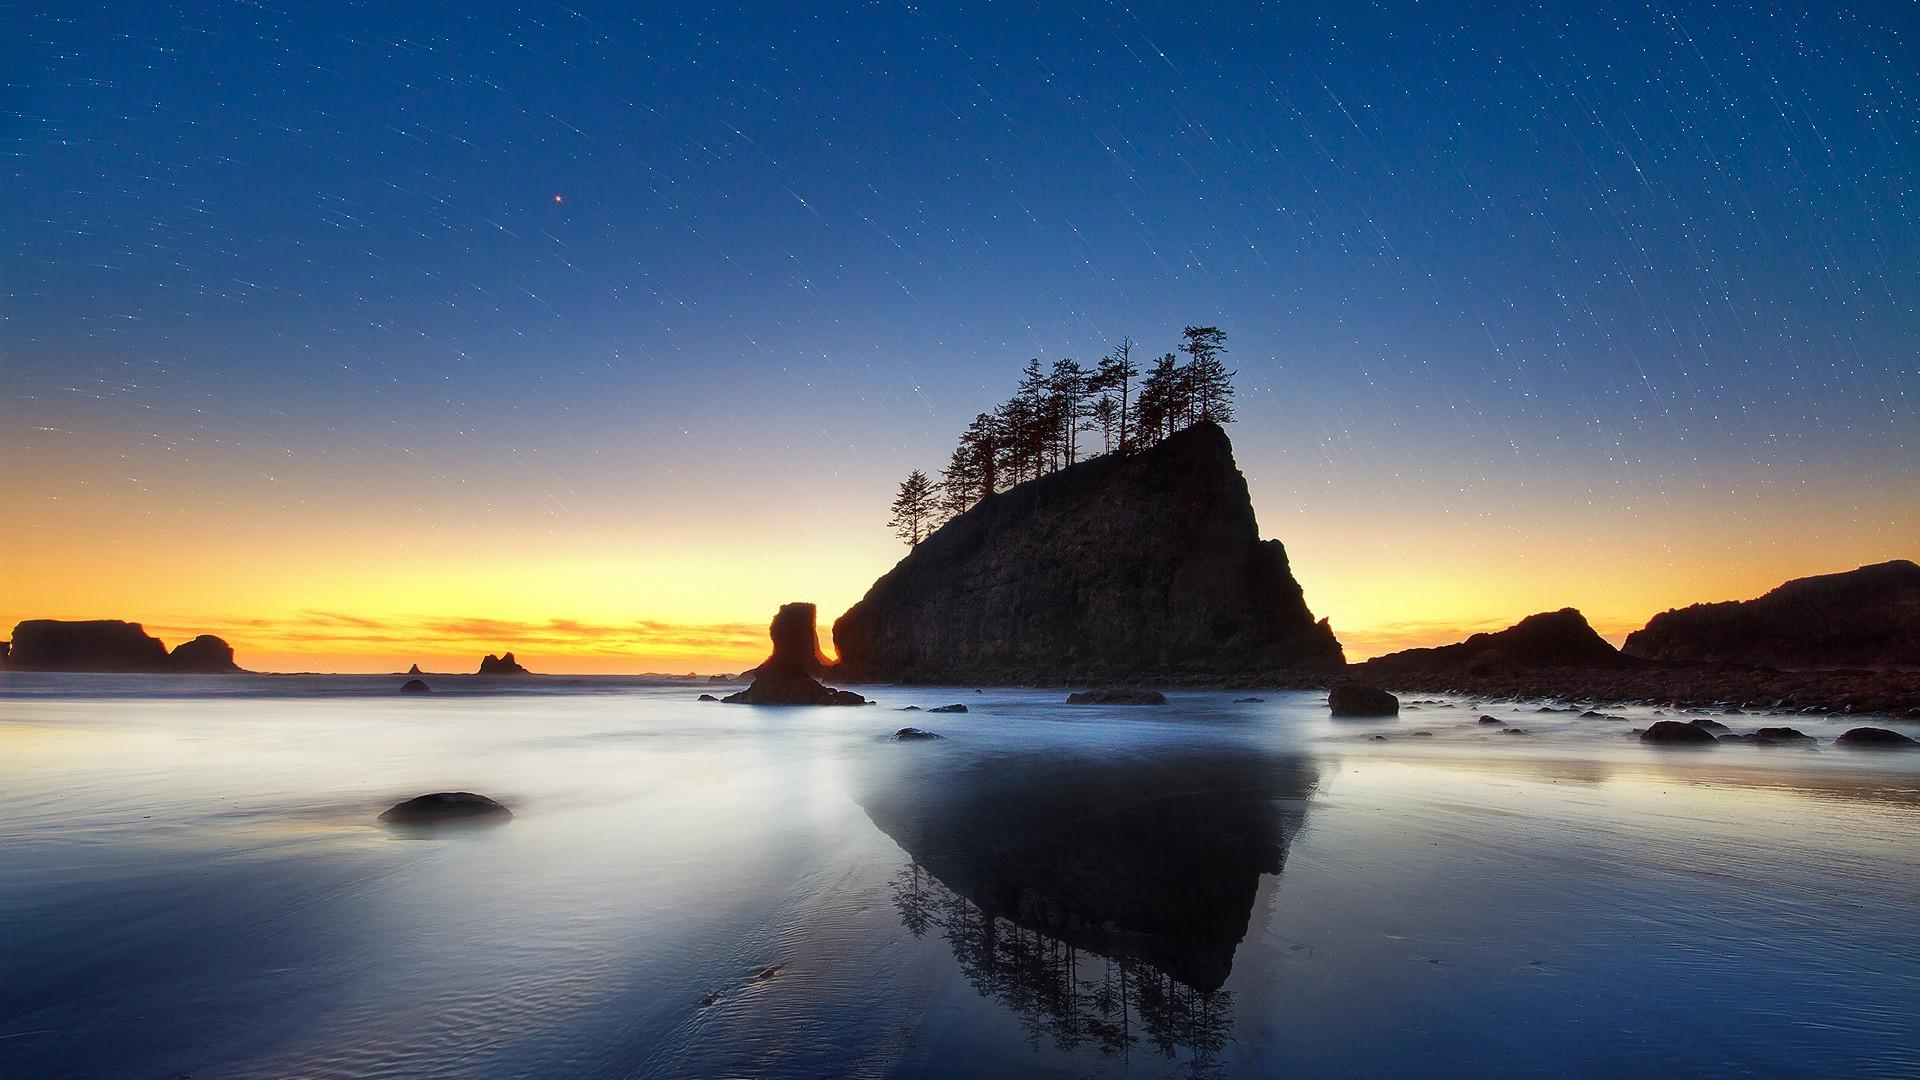 Обои звездное небо на закате